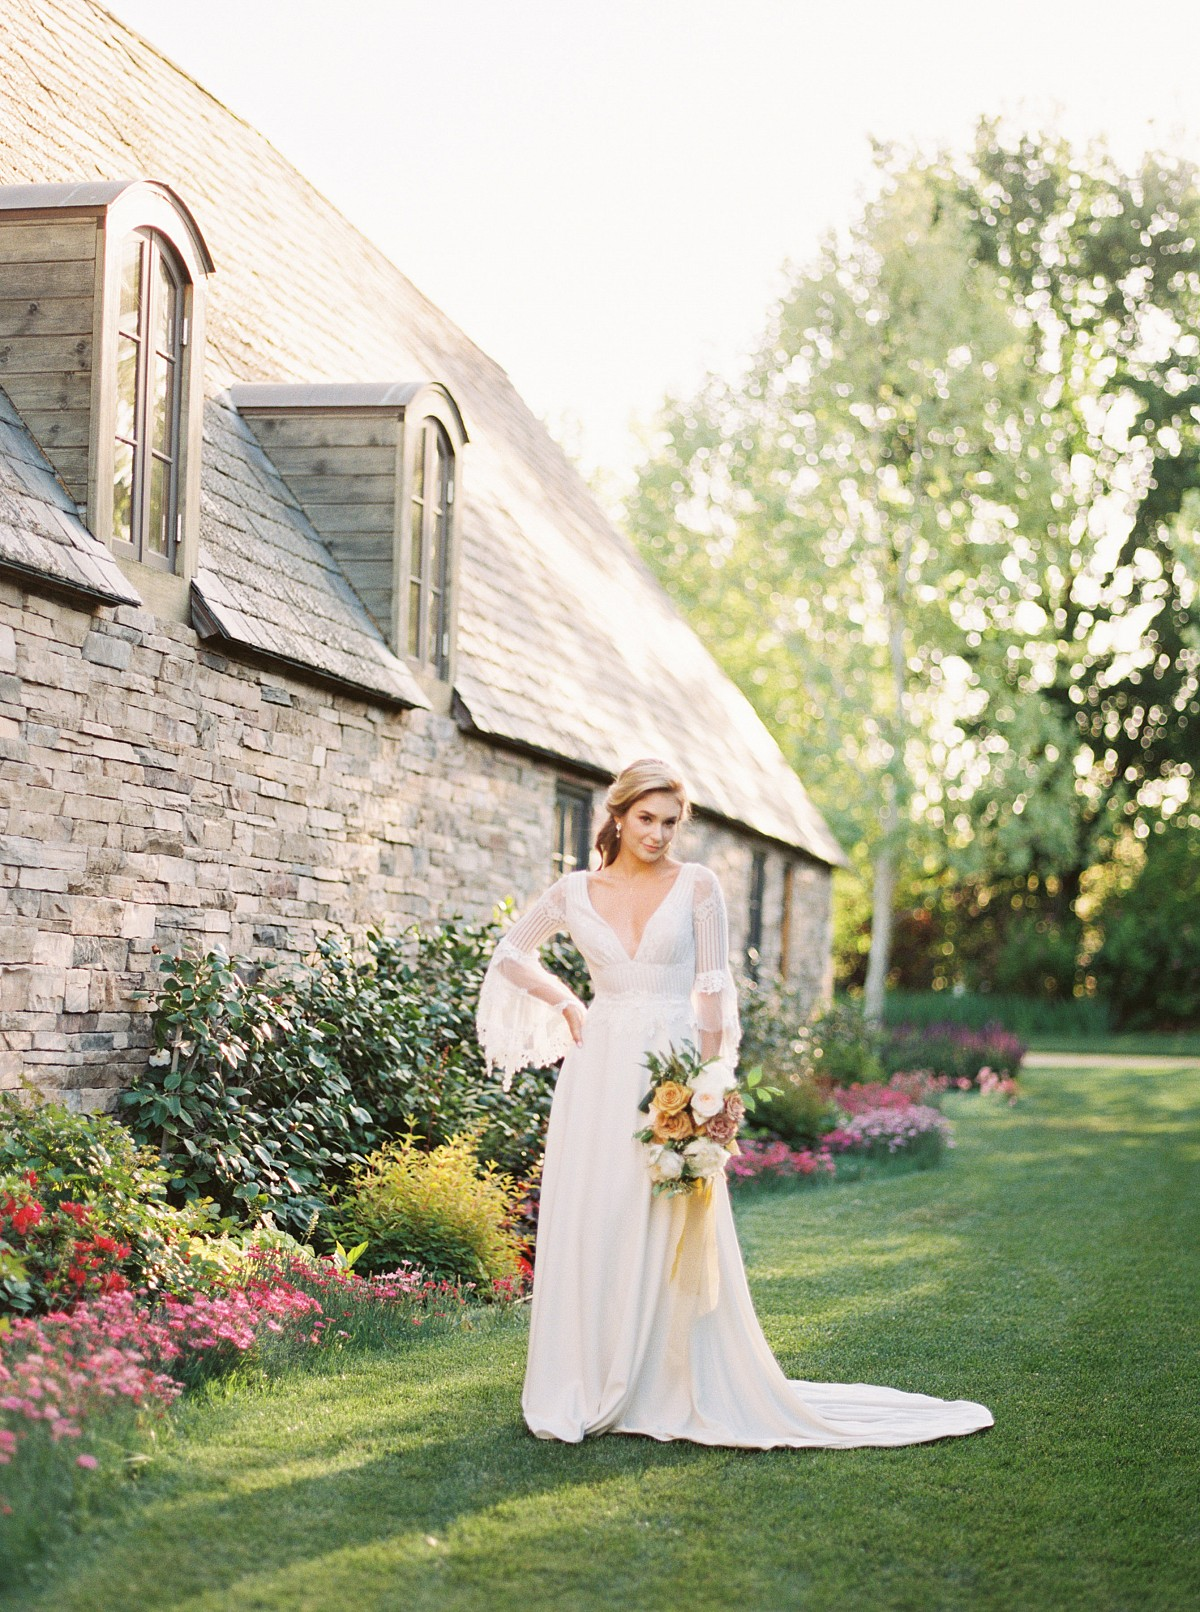 Late Summer Wedding Inspiration at Kestrel Park